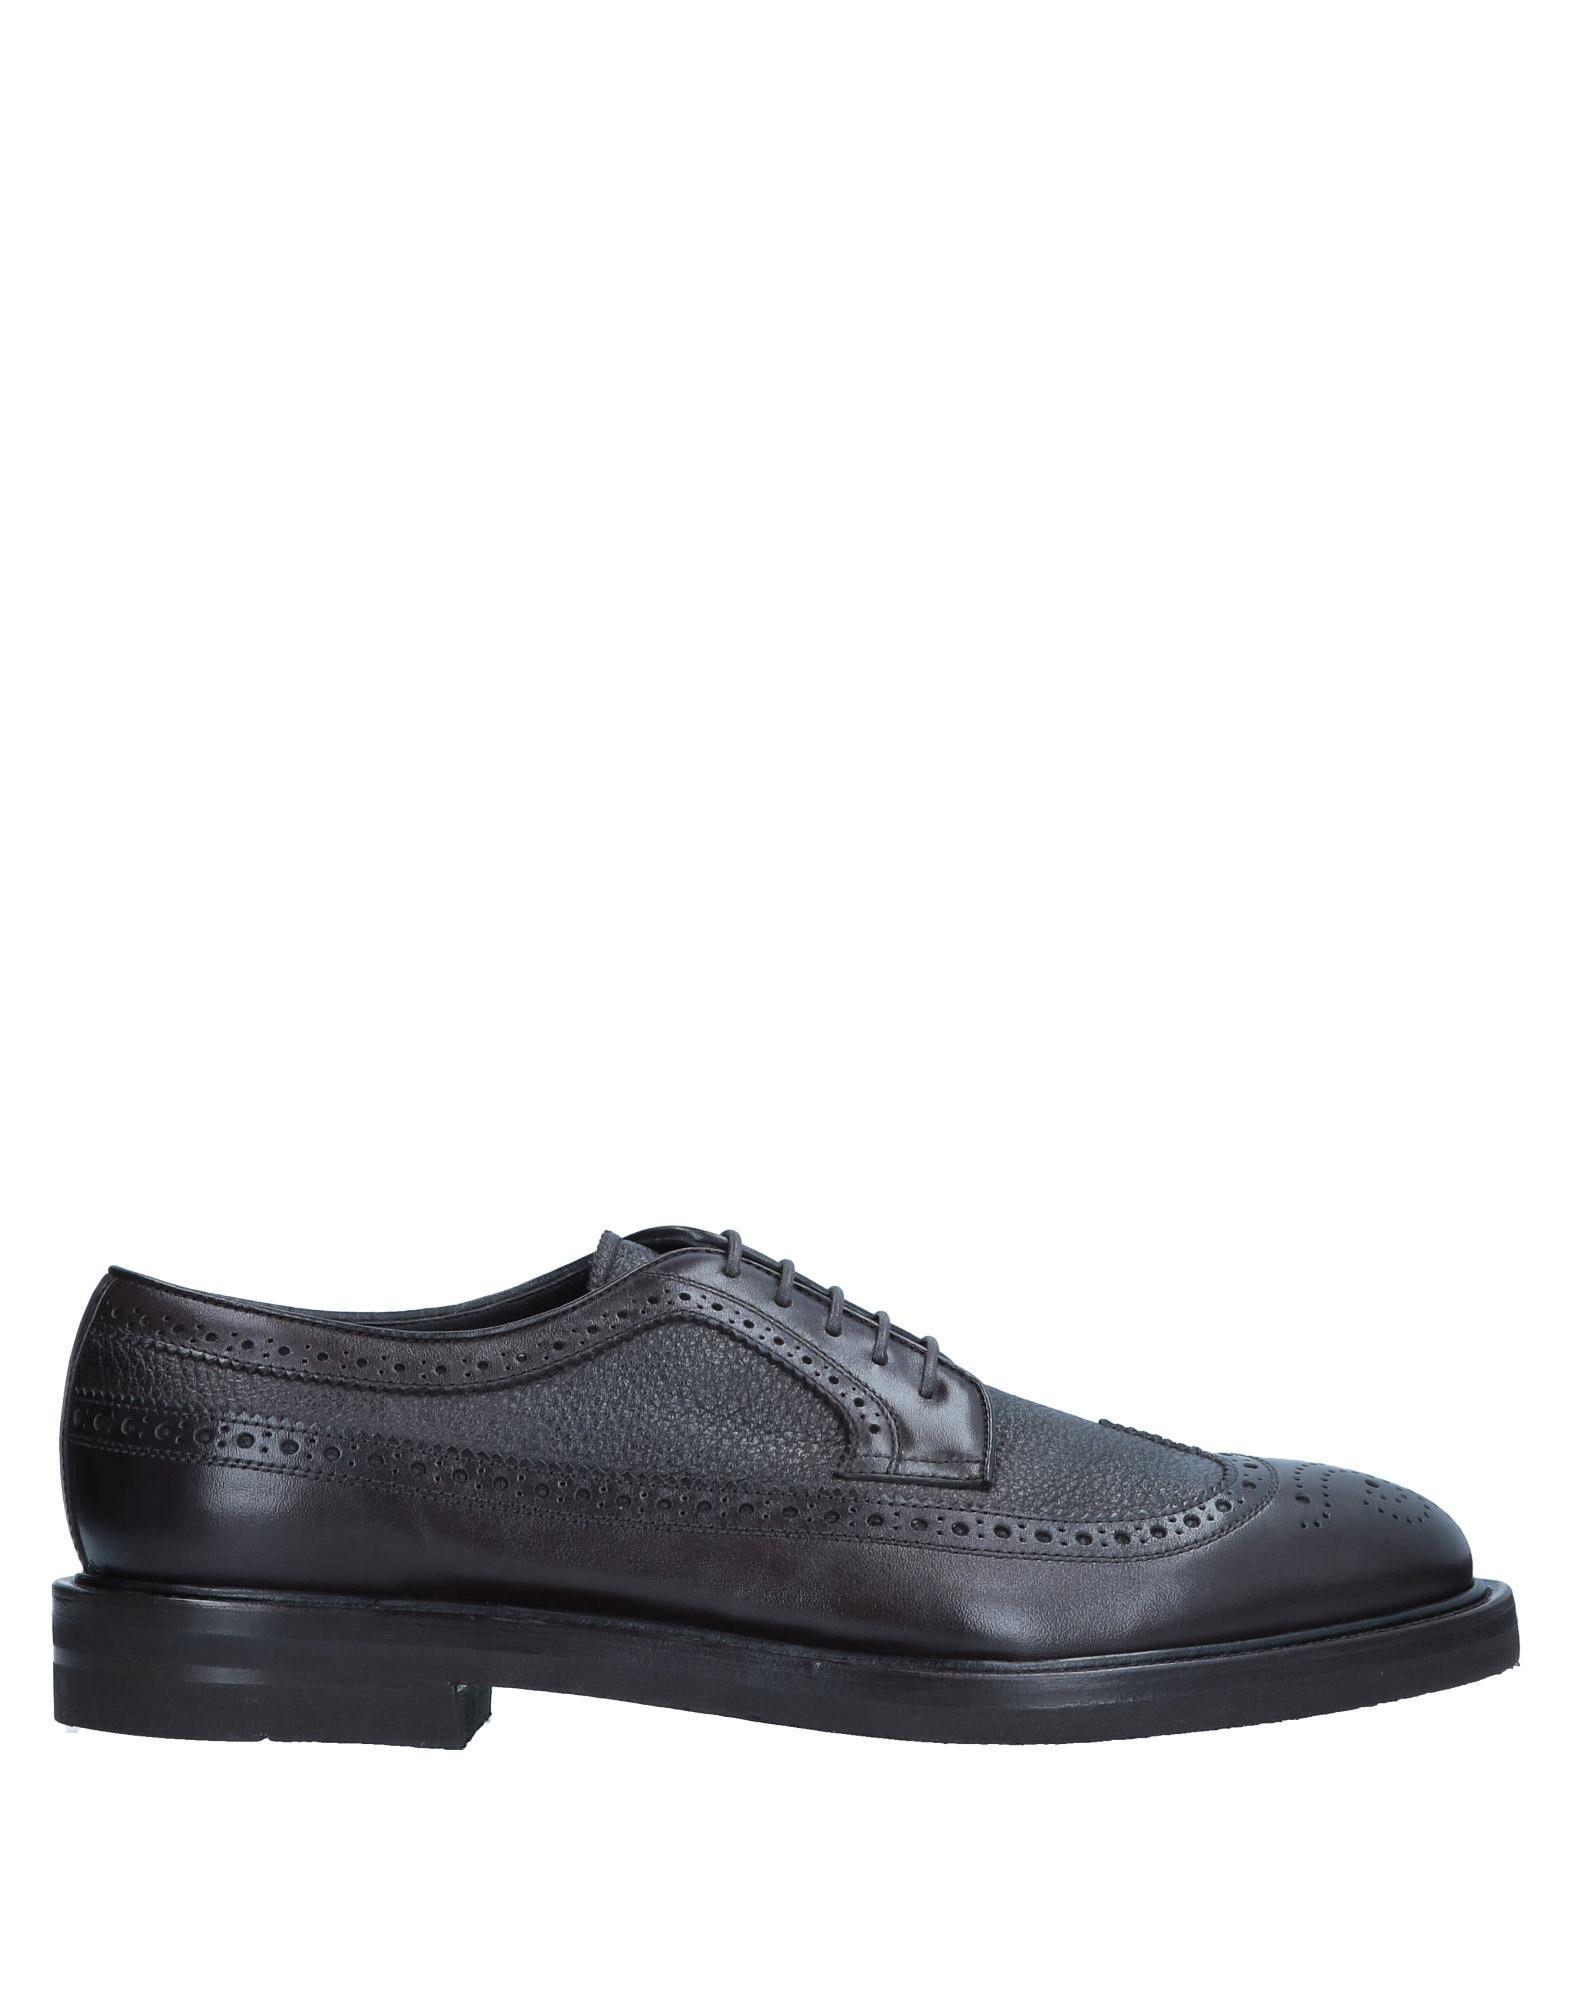 Henderson Schnürschuhe Herren  11548756OJ Gute Qualität beliebte Schuhe